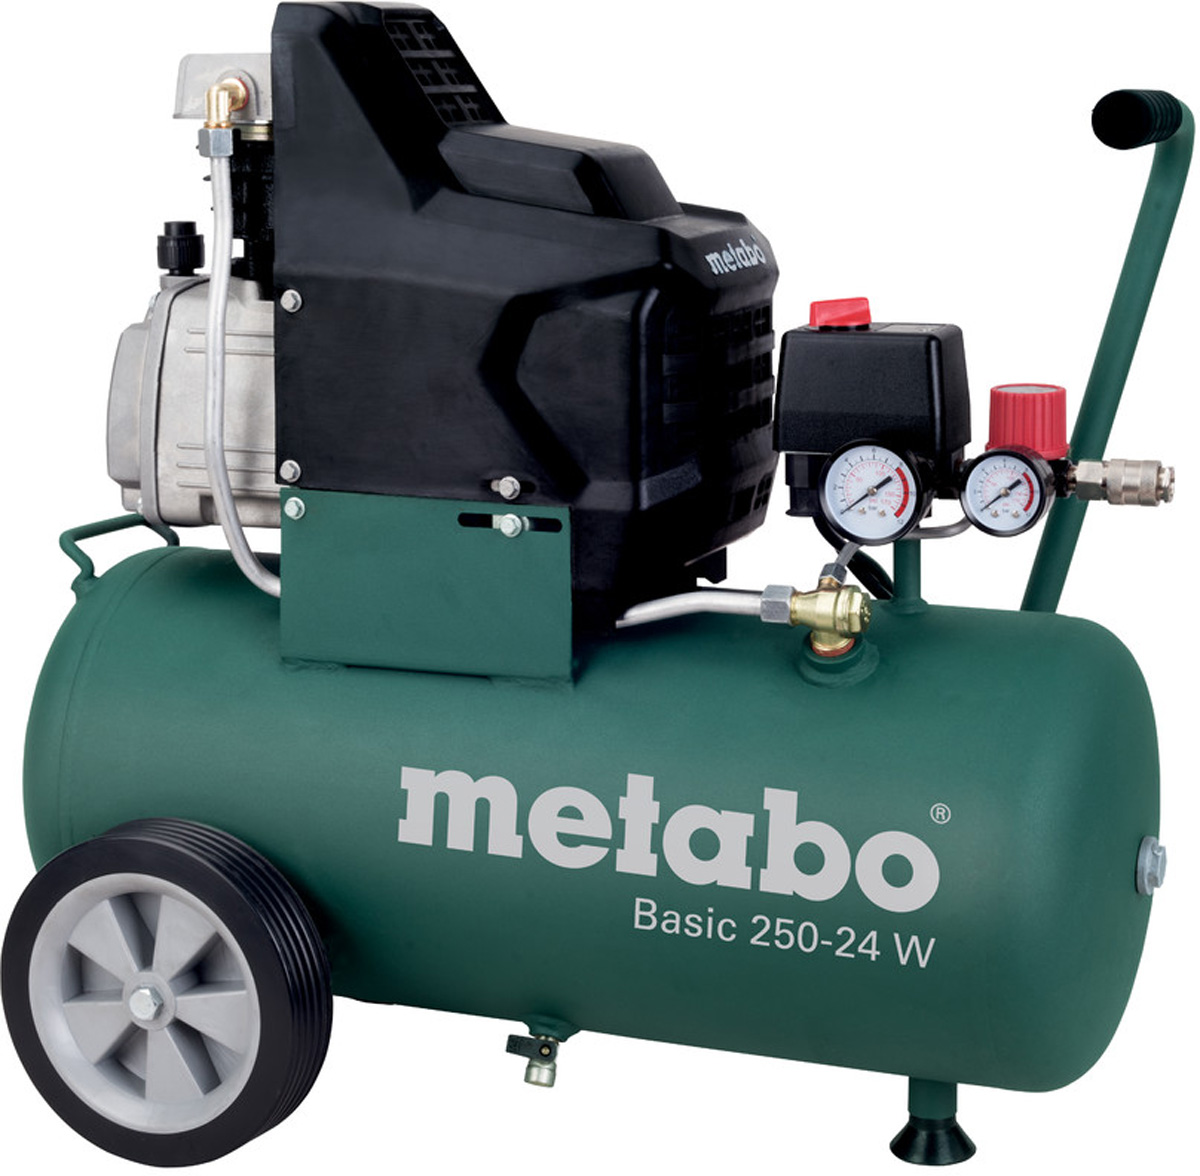 Компрессор Metabo Basic250-24W, масляный, 110 л/мин601533000Масляный компрессор Metabo Basic 250-24 W предназначен для получения сжатого воздуха с последующей его подачей в пневмоинструмент. Двигатель компрессора закрыт специальным кожухом, который предотвращает его повреждение и загрязнение. Опорная ножка обеспечивает устойчивое положение на поверхности, а резиновая подушечка снижают уровень вибрации. Данная модель эксплуатируется в авторемонтных мастерских, на небольших производствах и в строительстве.